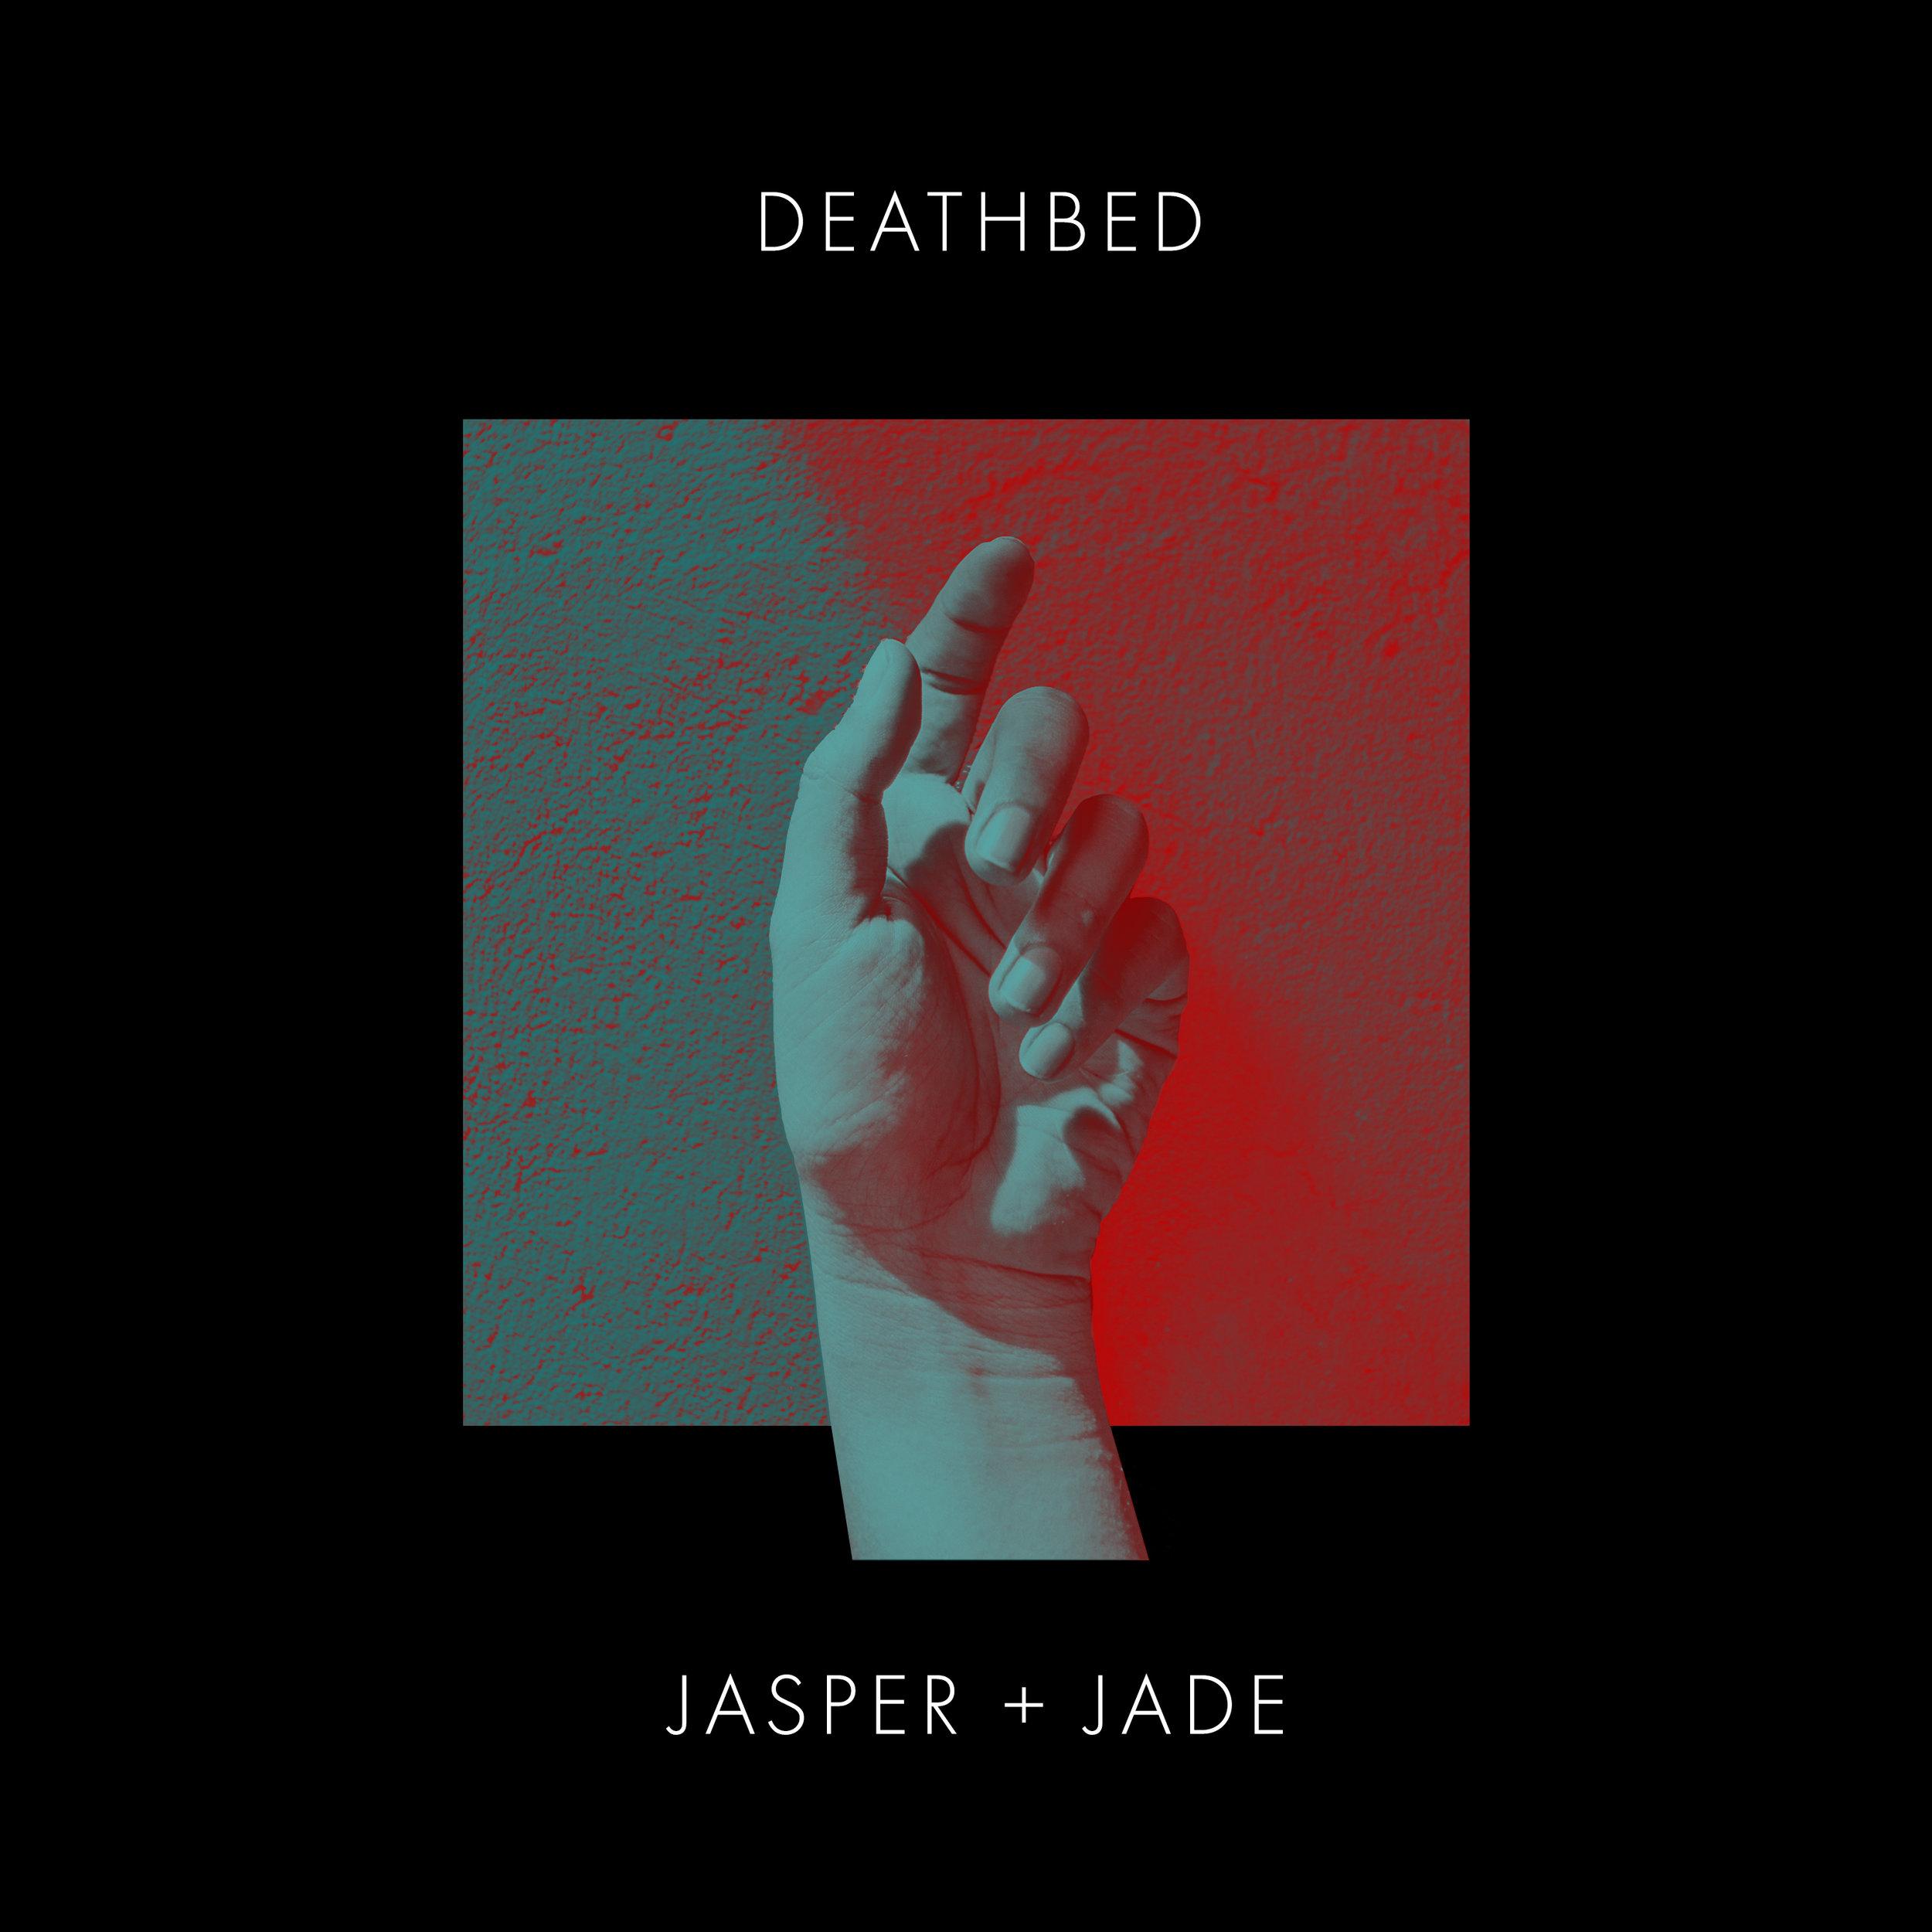 Jasper and Jade Deathbed.jpg